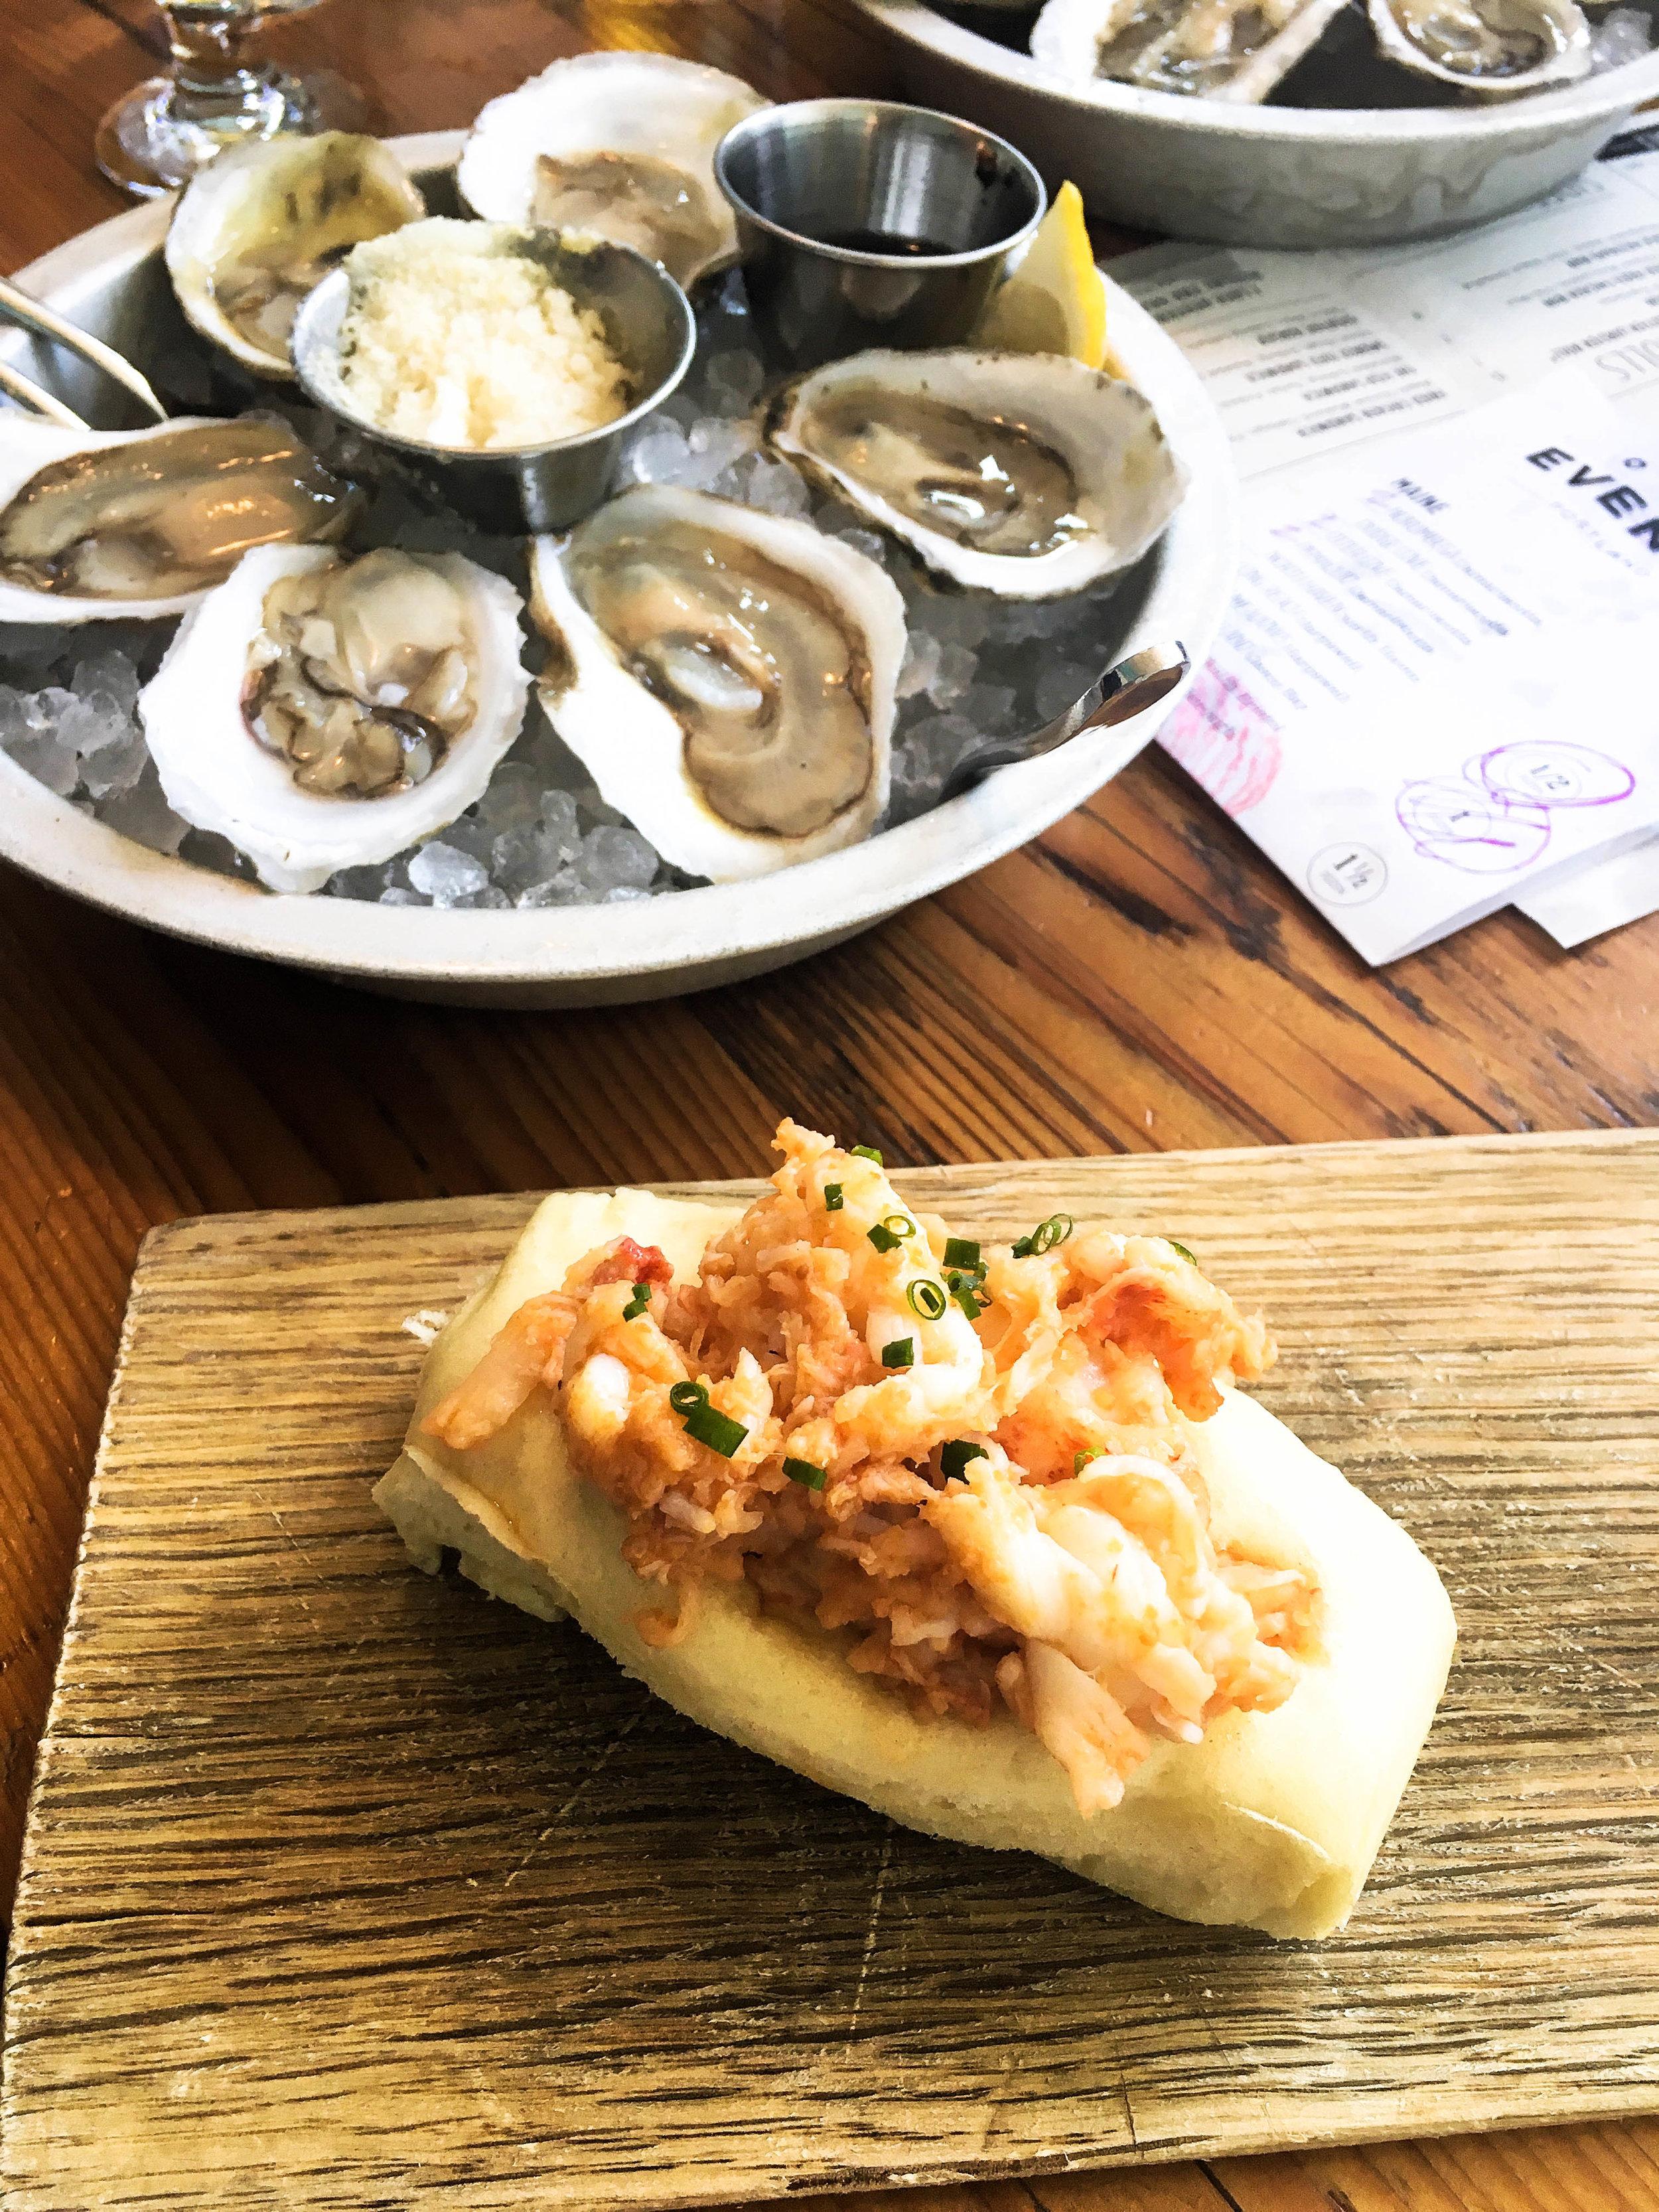 在意大利的海鲜餐厅里有一种特别的沙拉。和他们吃了雪龙虾和龙虾的烤龙虾。它是一只黄色的汉堡和中国的黄油,这味道就像个面包。